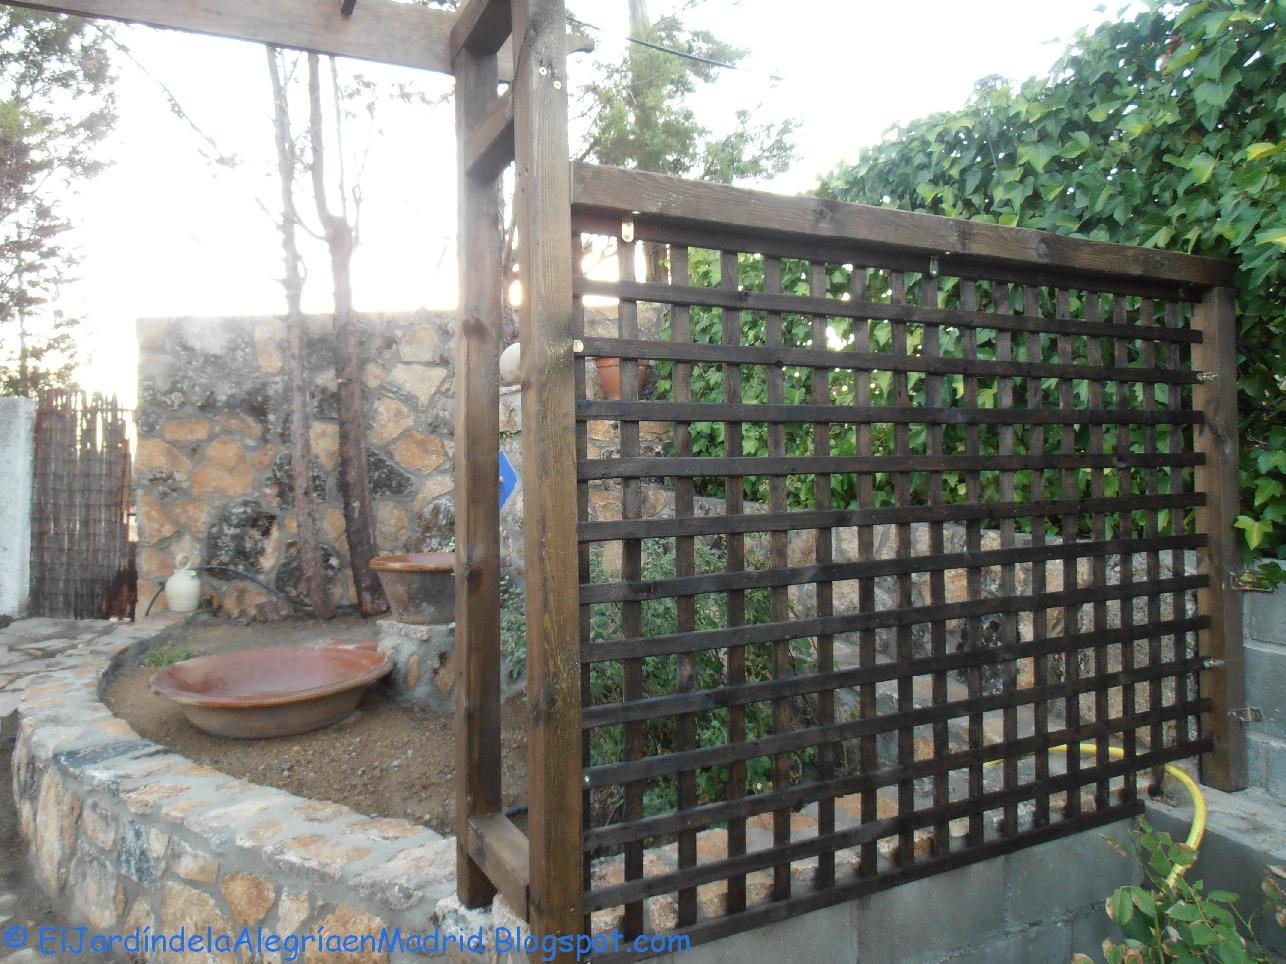 El jard n de la alegr a constru mos un arco de madera for Estructuras para jardin